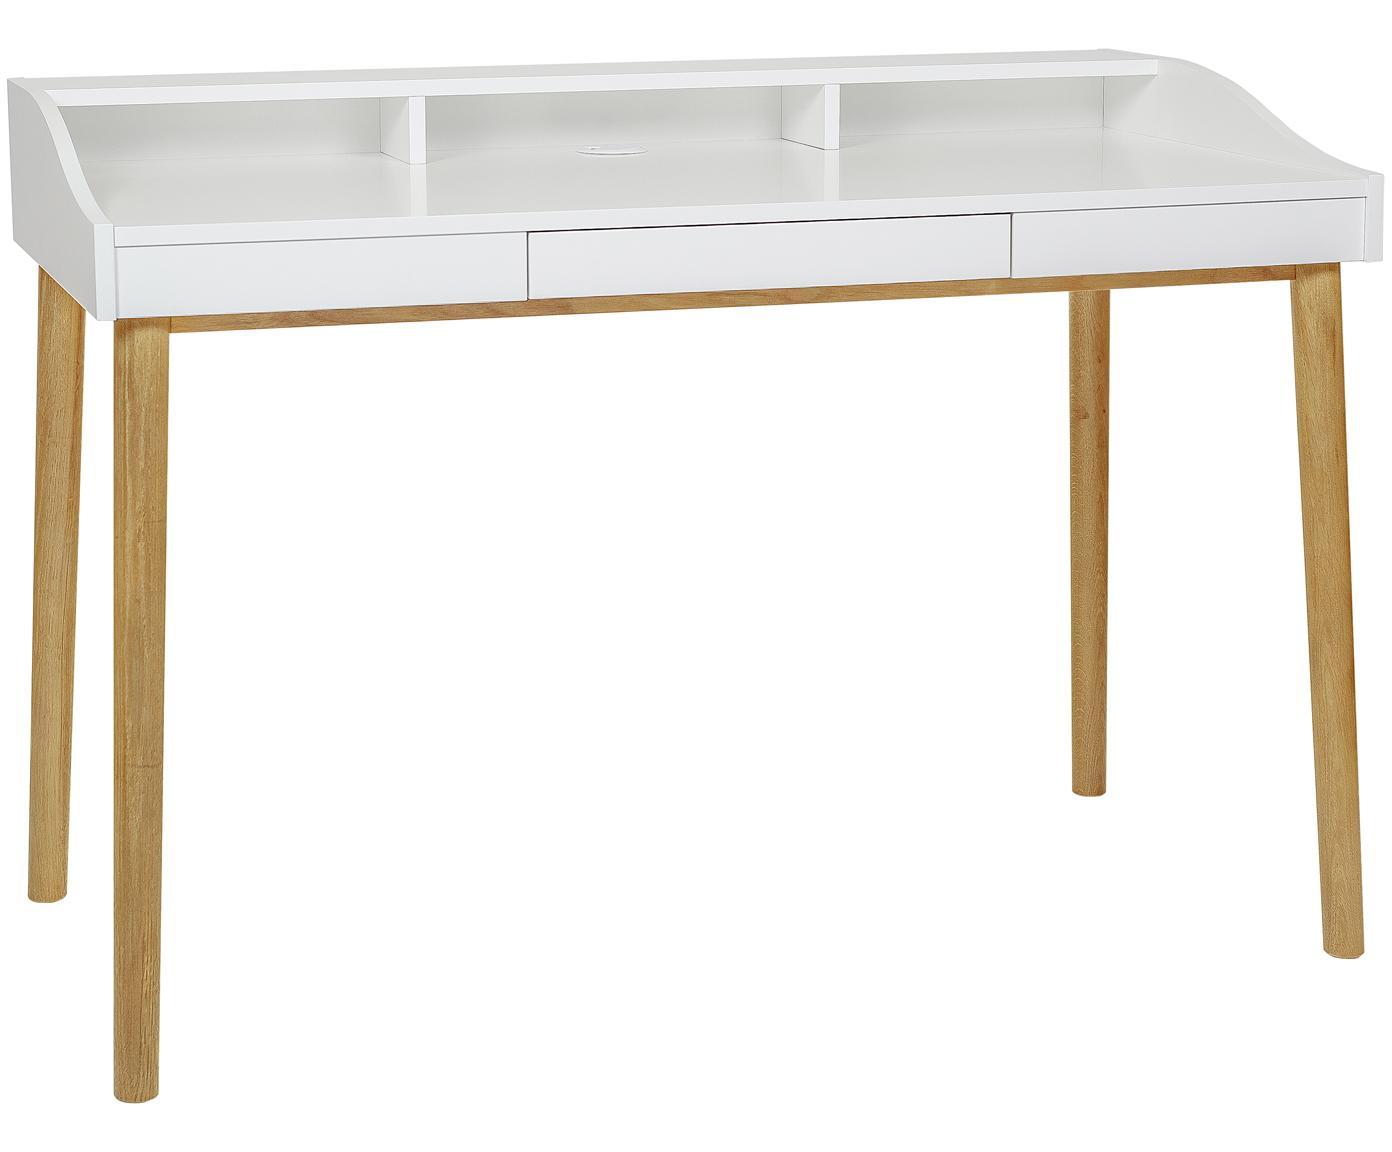 Schreibtisch Lindenhof mit kleiner Schublade, Beine: Eichenholz, lackiert, Tischplatte und Ablage: Weiss<br>Beine: Eiche, B 120 x T 60 cm